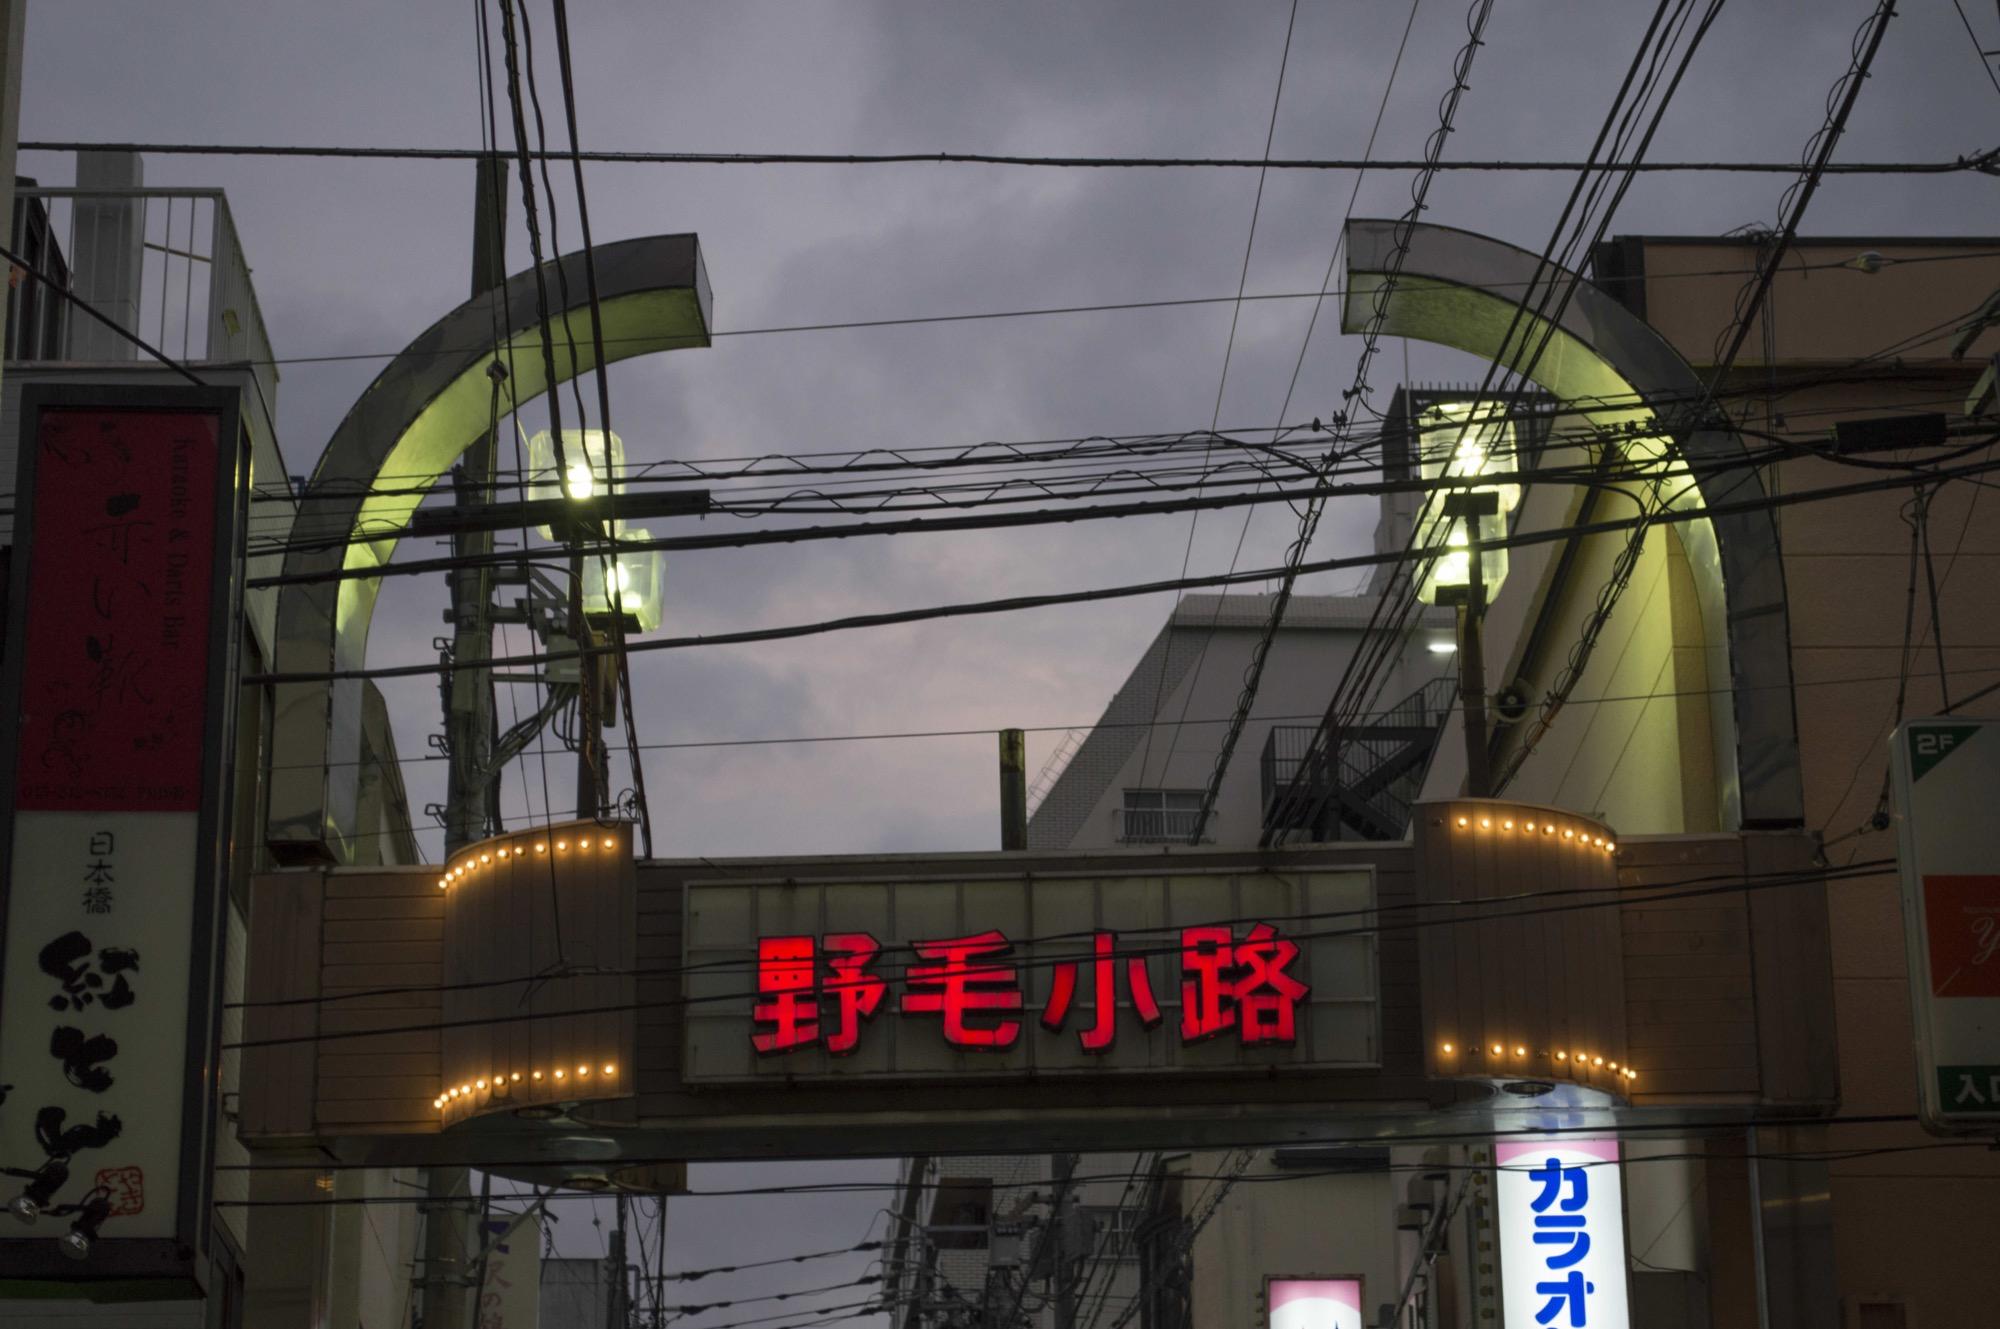 オルタナ_関内文庫15